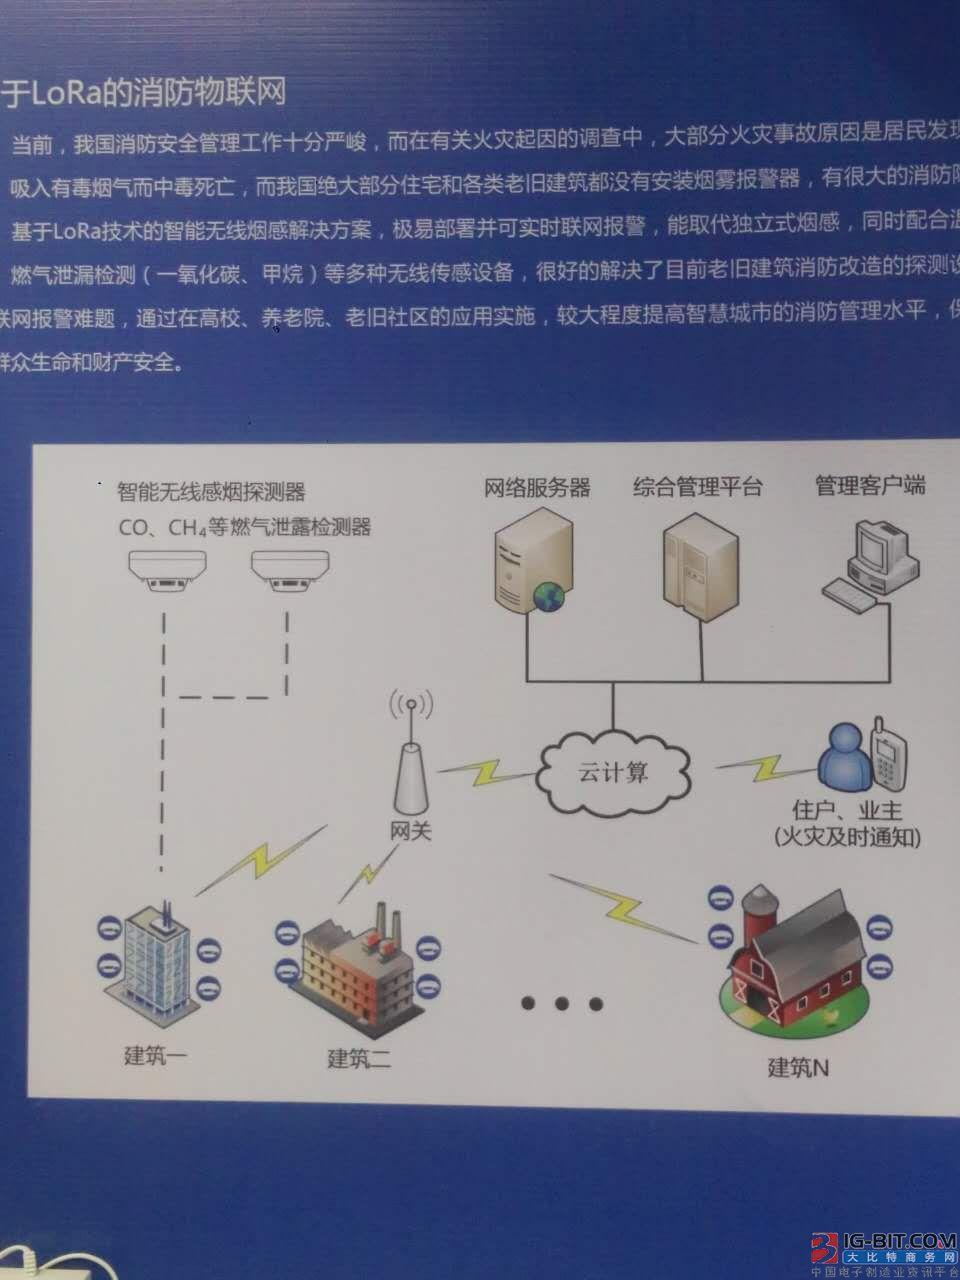 图:杭州罗万信息科技有限公司基于LoRa的消防物联网解决方案